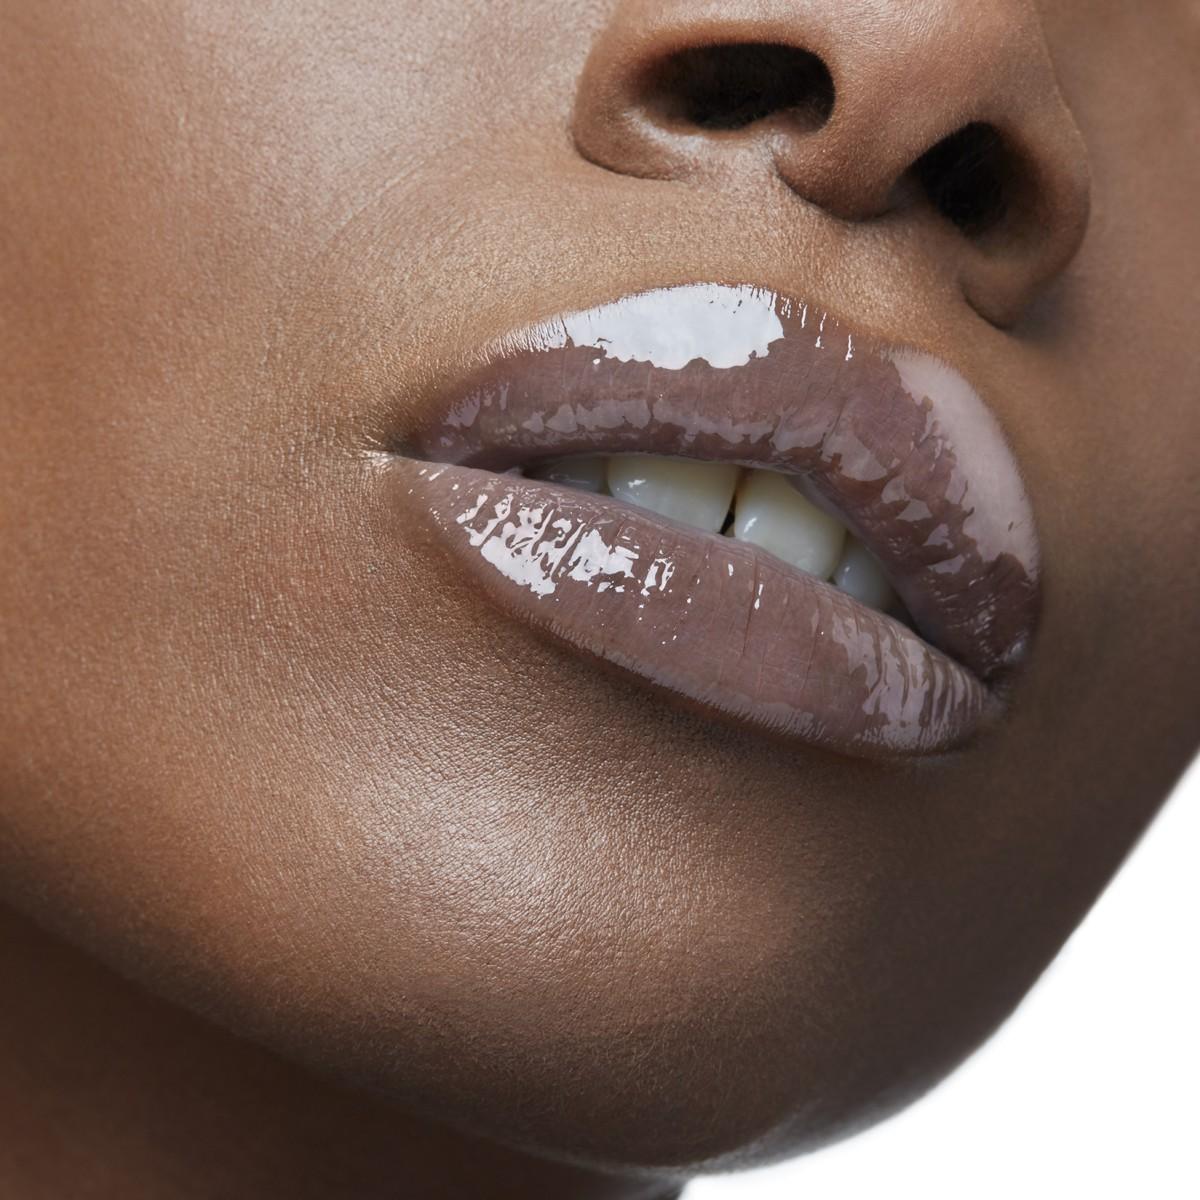 Beauty - Loubimiroir Loubilaque Lip Lacquer - Christian Louboutin